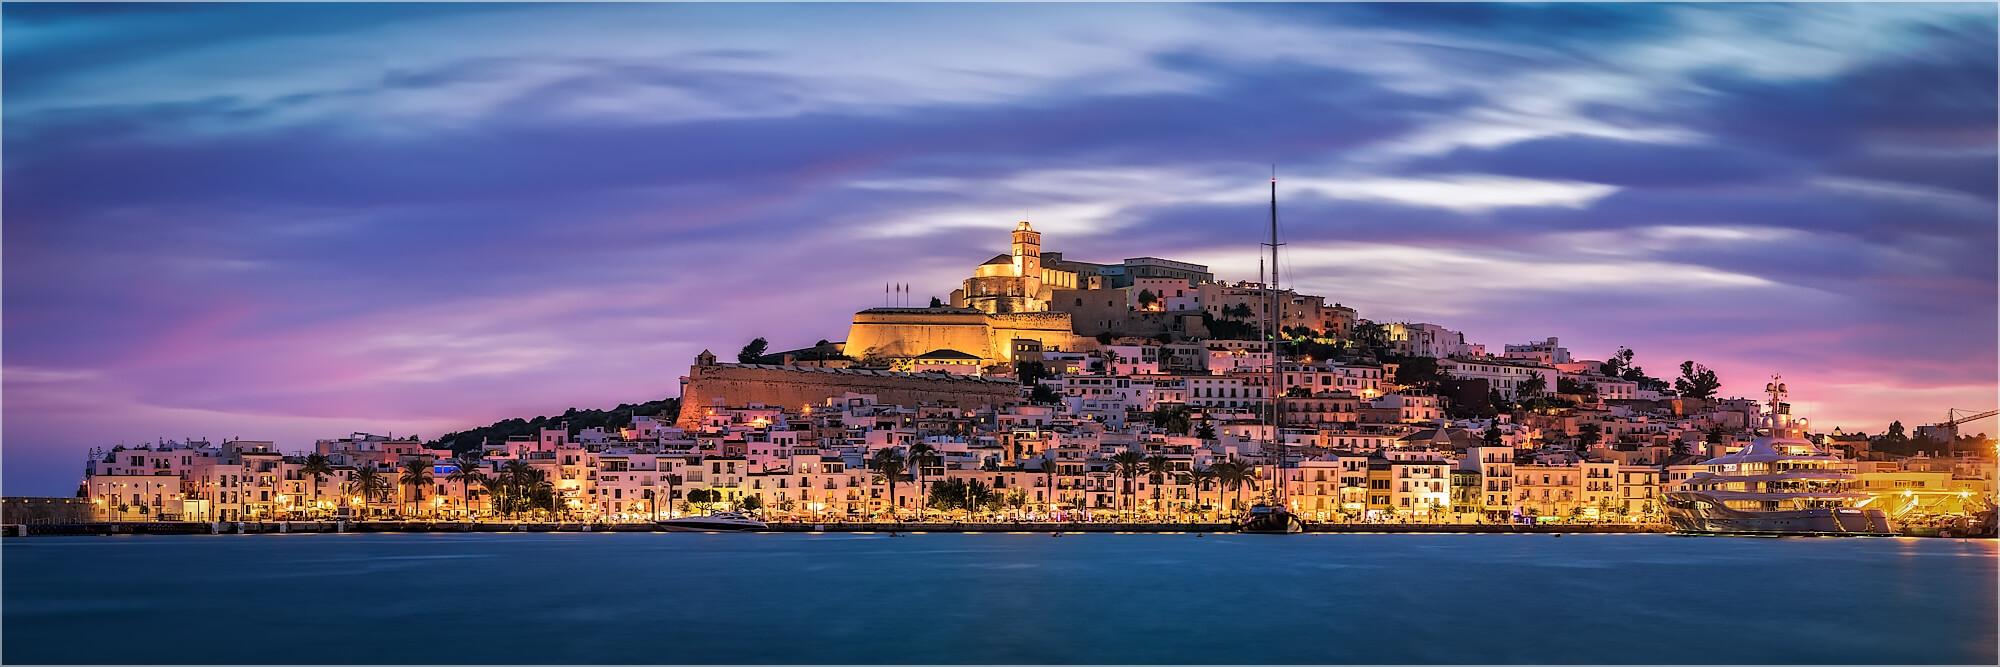 Panoramabild Spanien Ibiza Burg und Altstadt